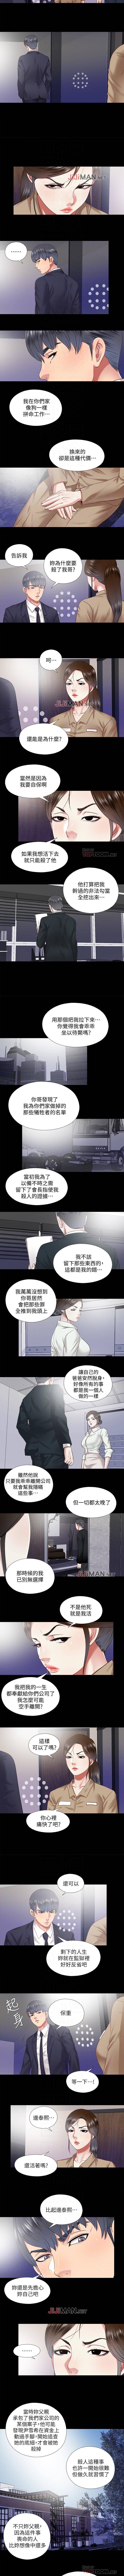 【已完结】同居捉迷藏(作者:林巨星) 第1~30话 120